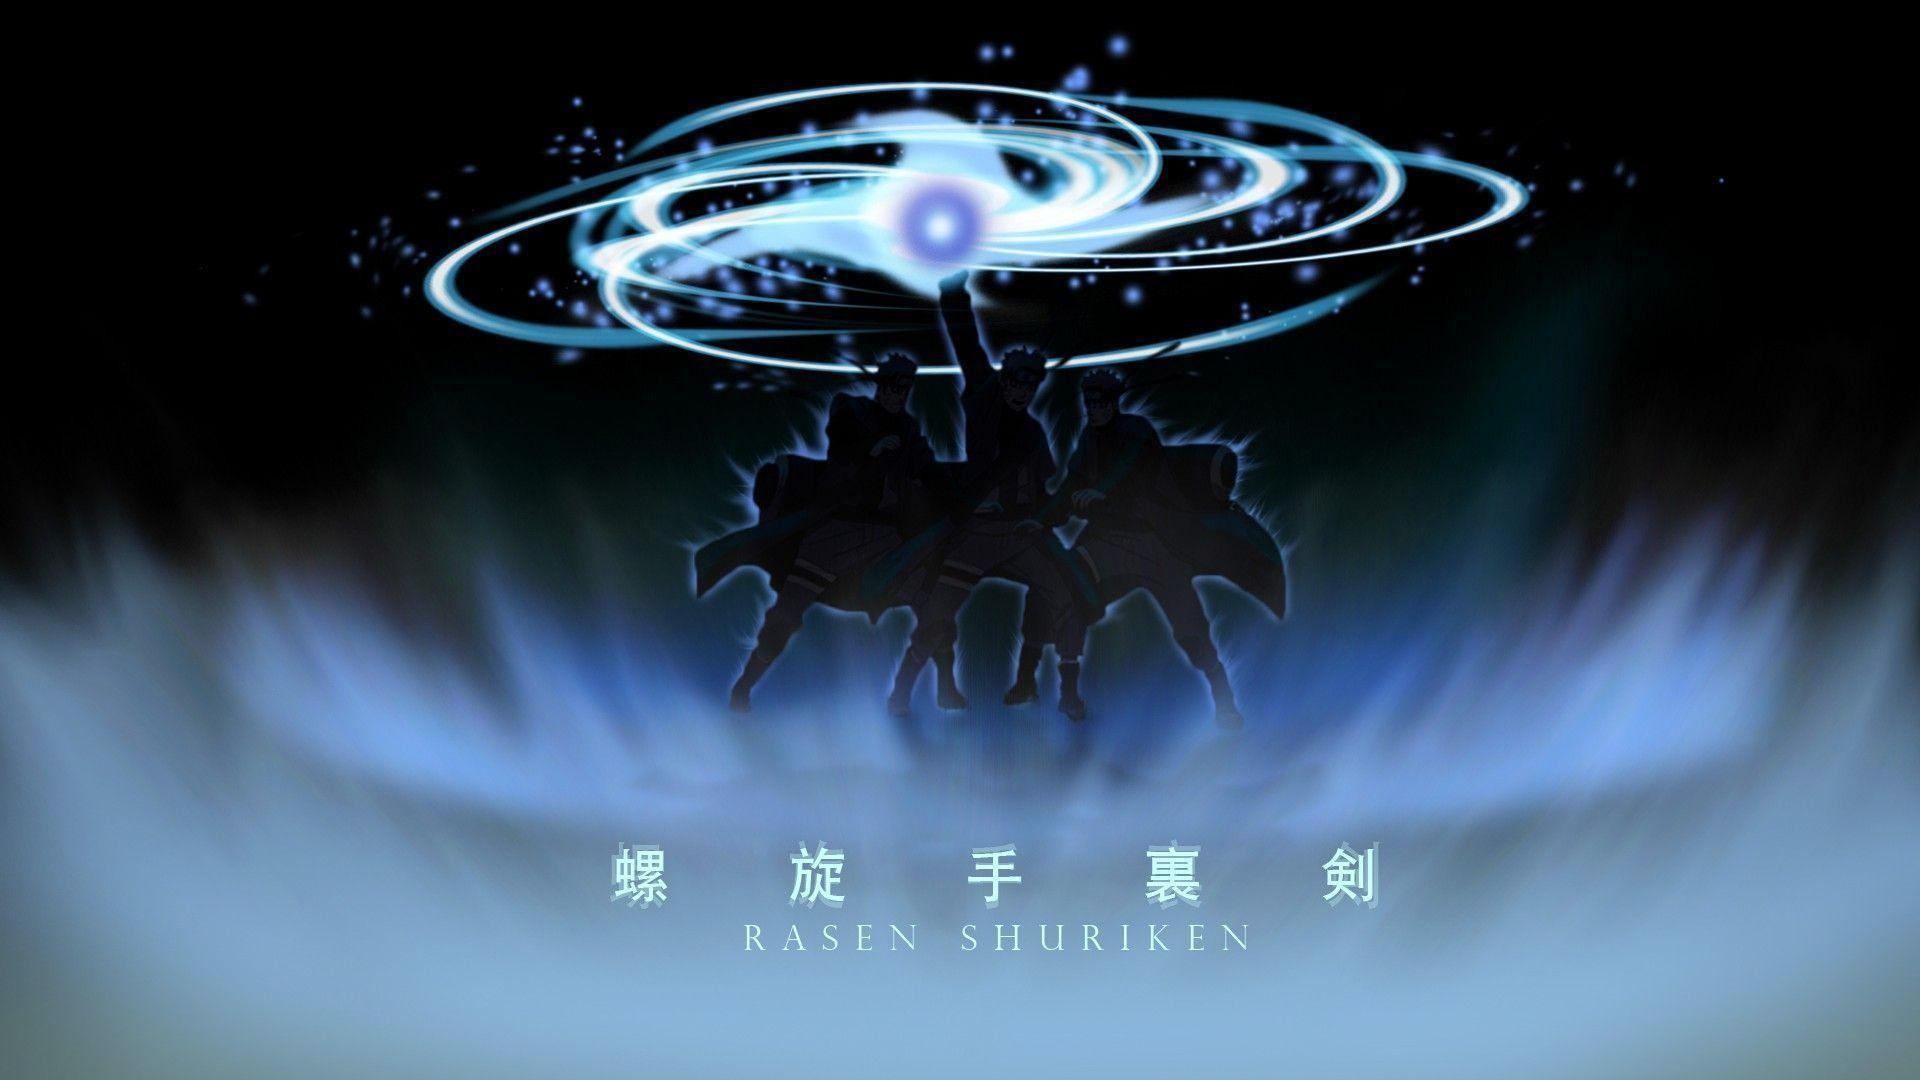 Naruto Rasengan Wallpaper 52 Images